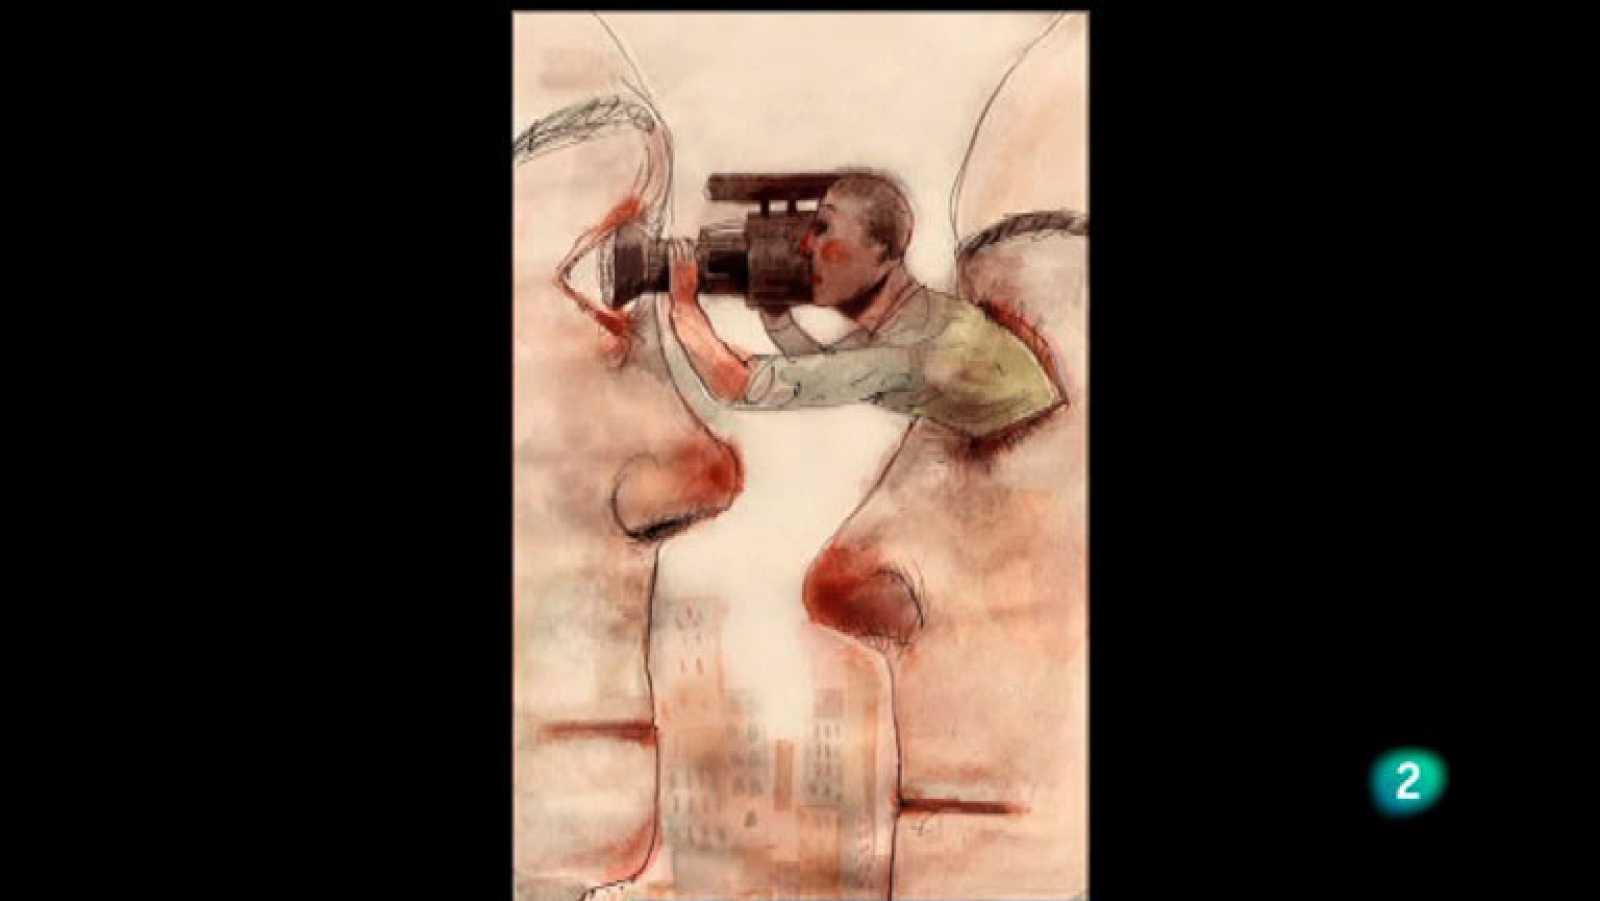 La Aventura del Saber. Boek Visual. Raúl Arias